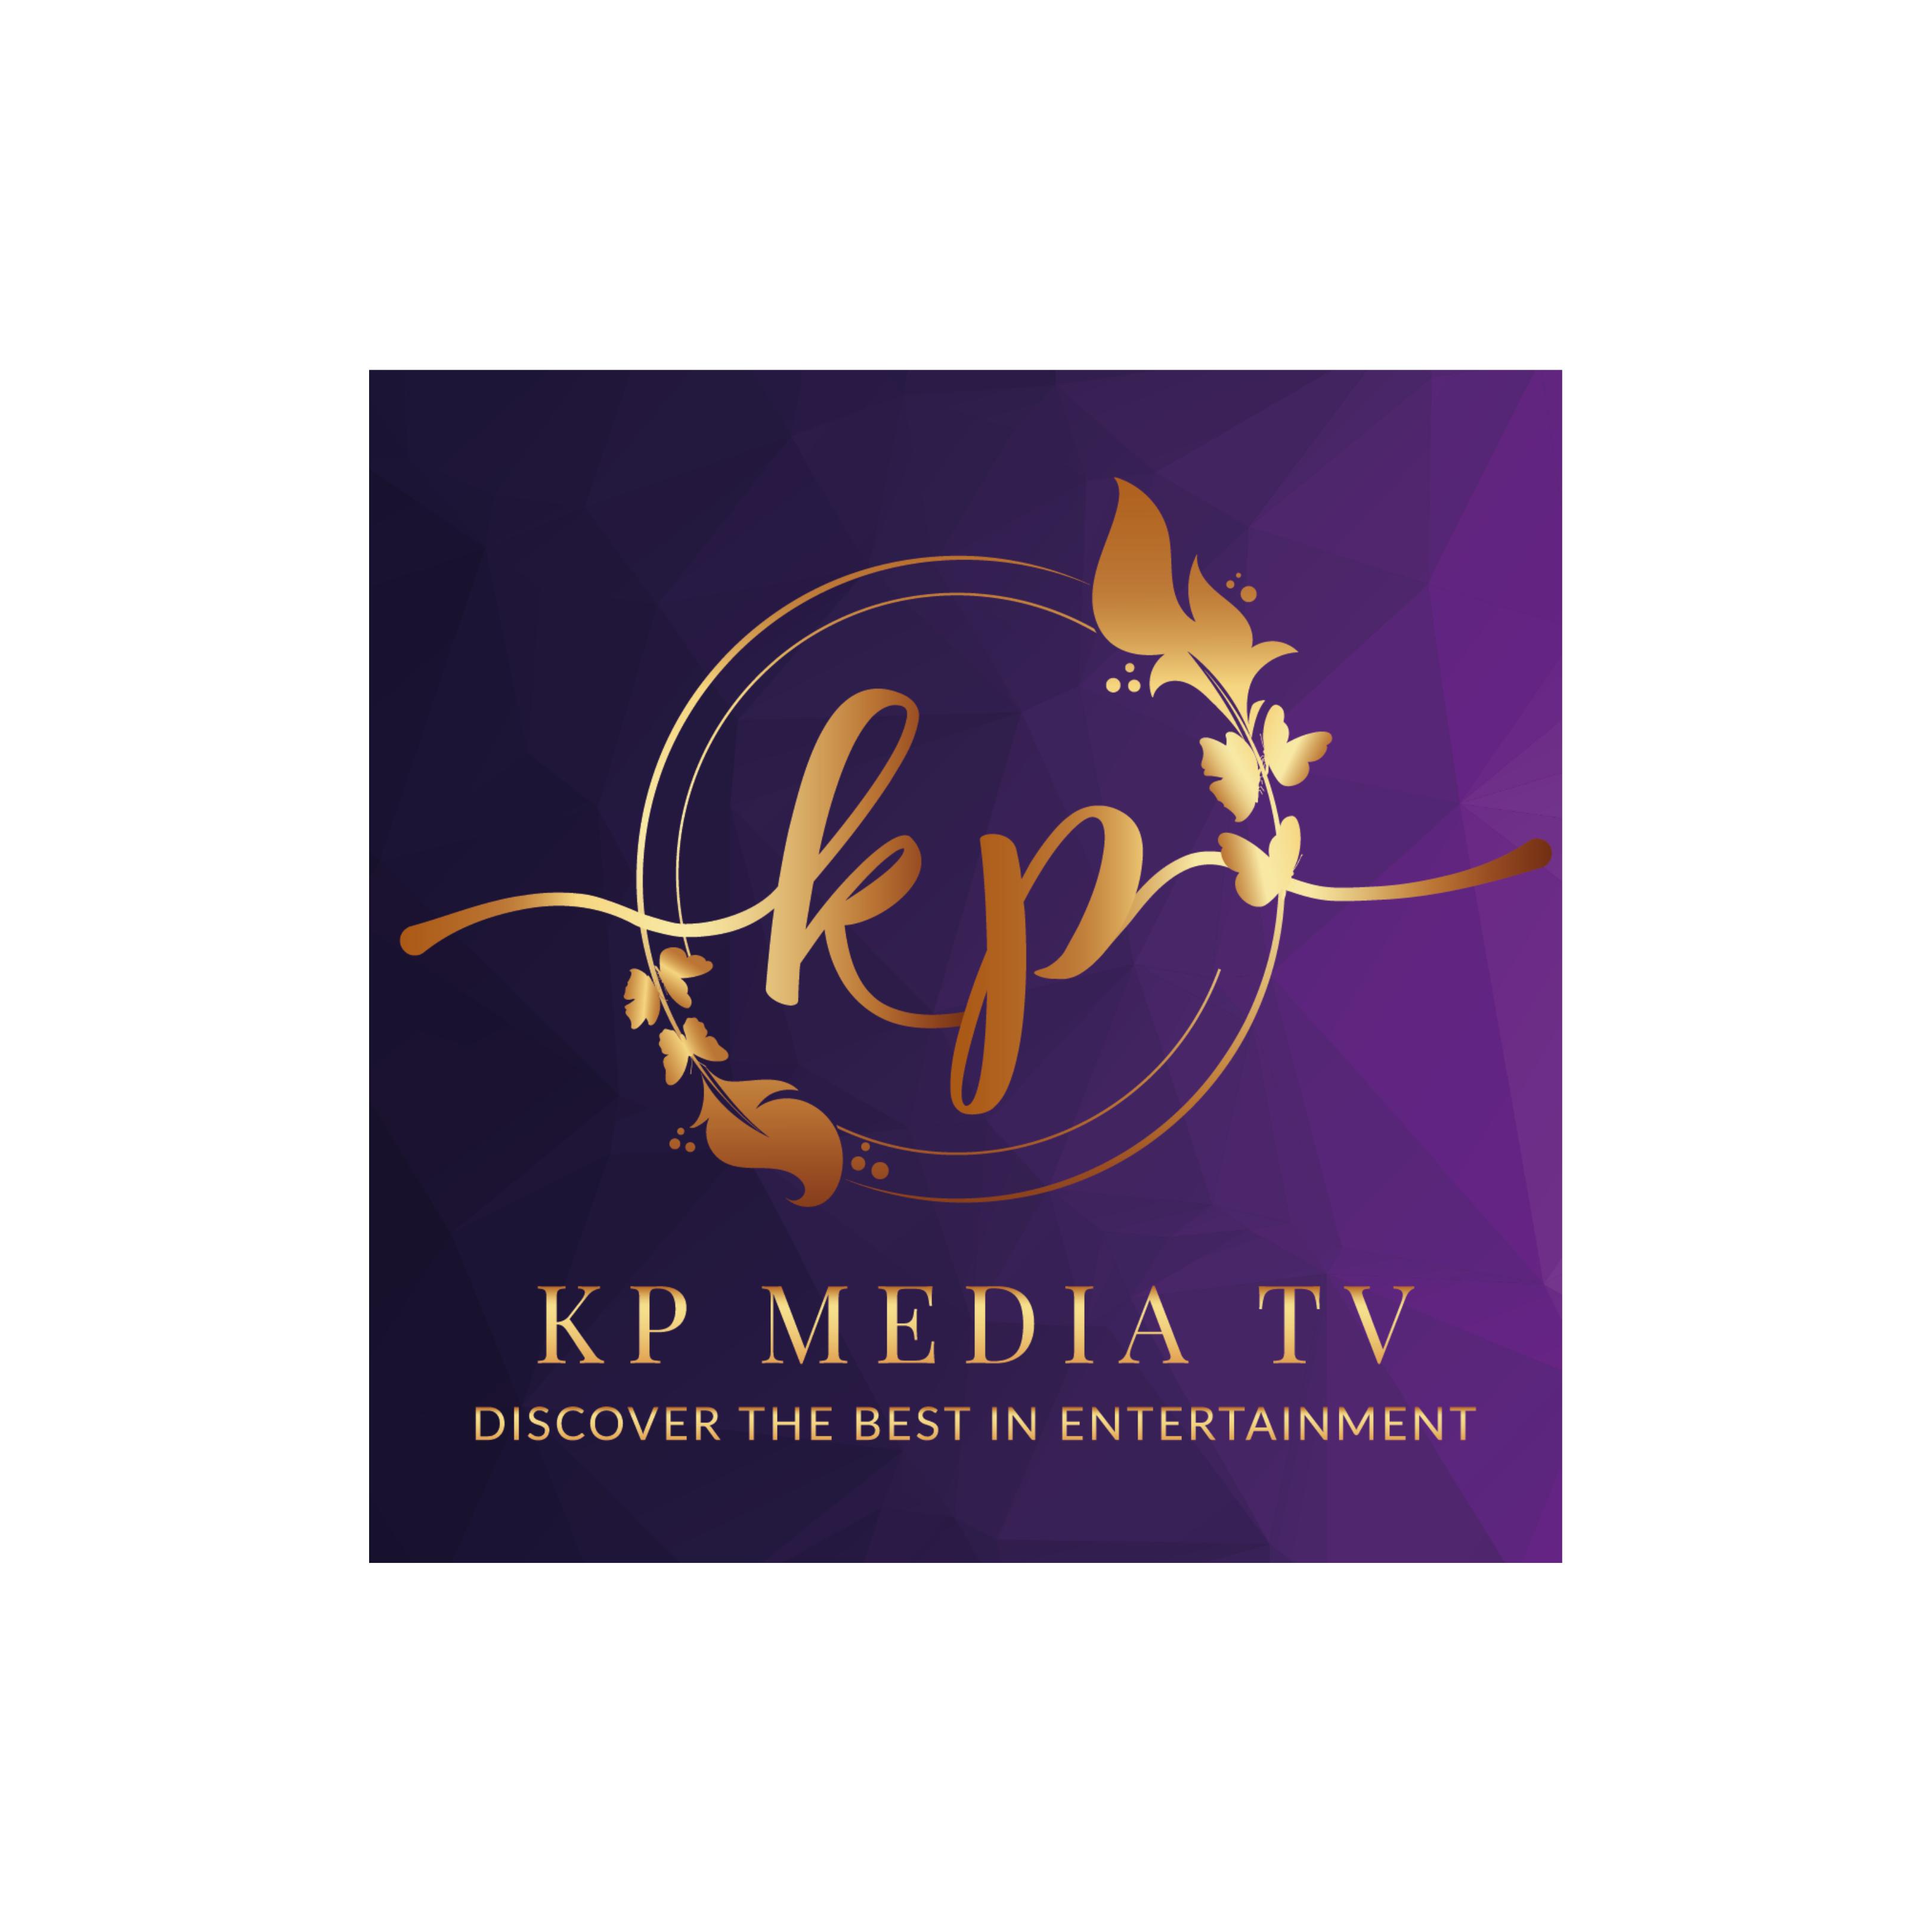 KP Media TV